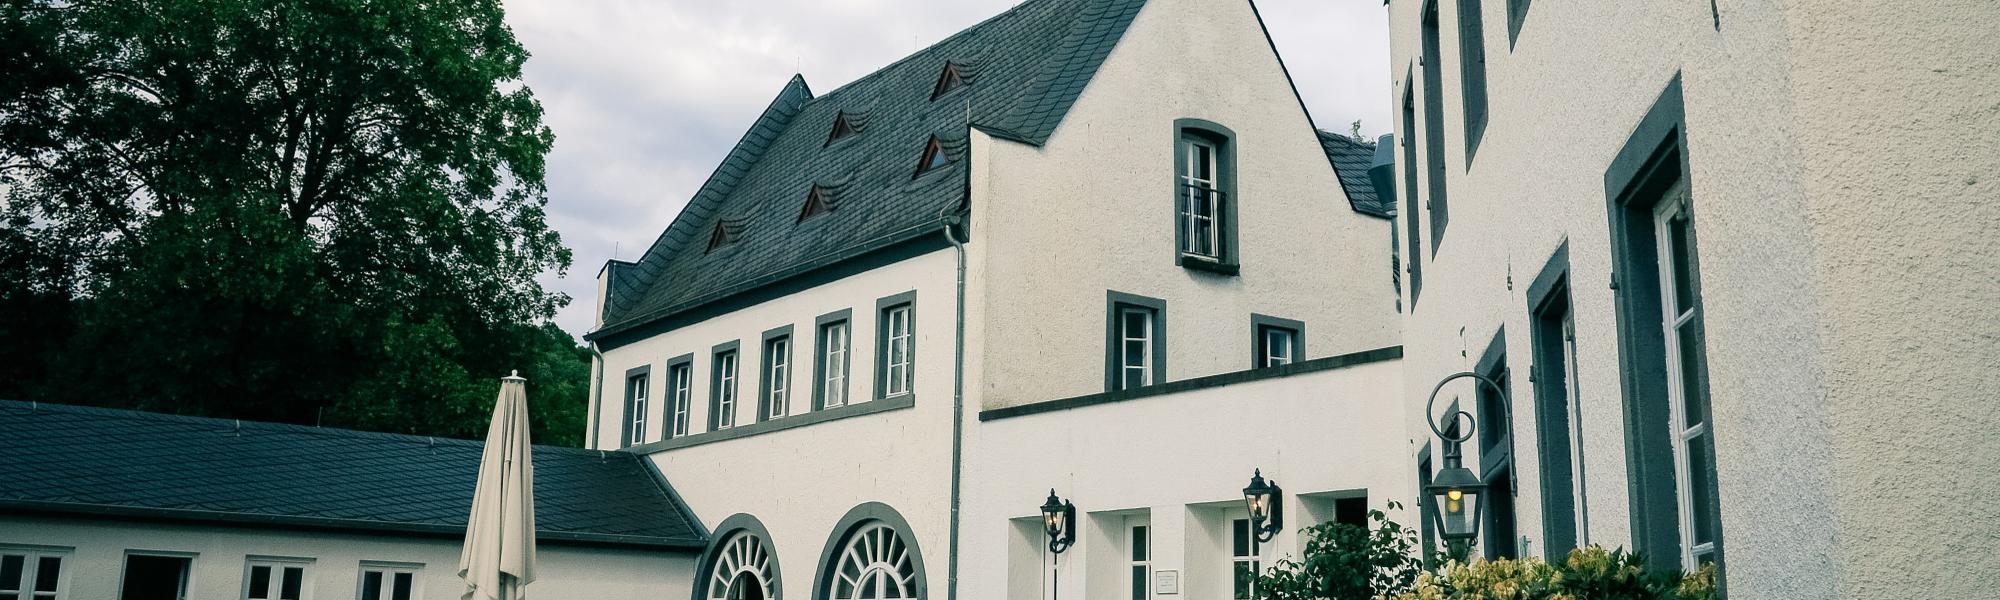 Klostergut_banner